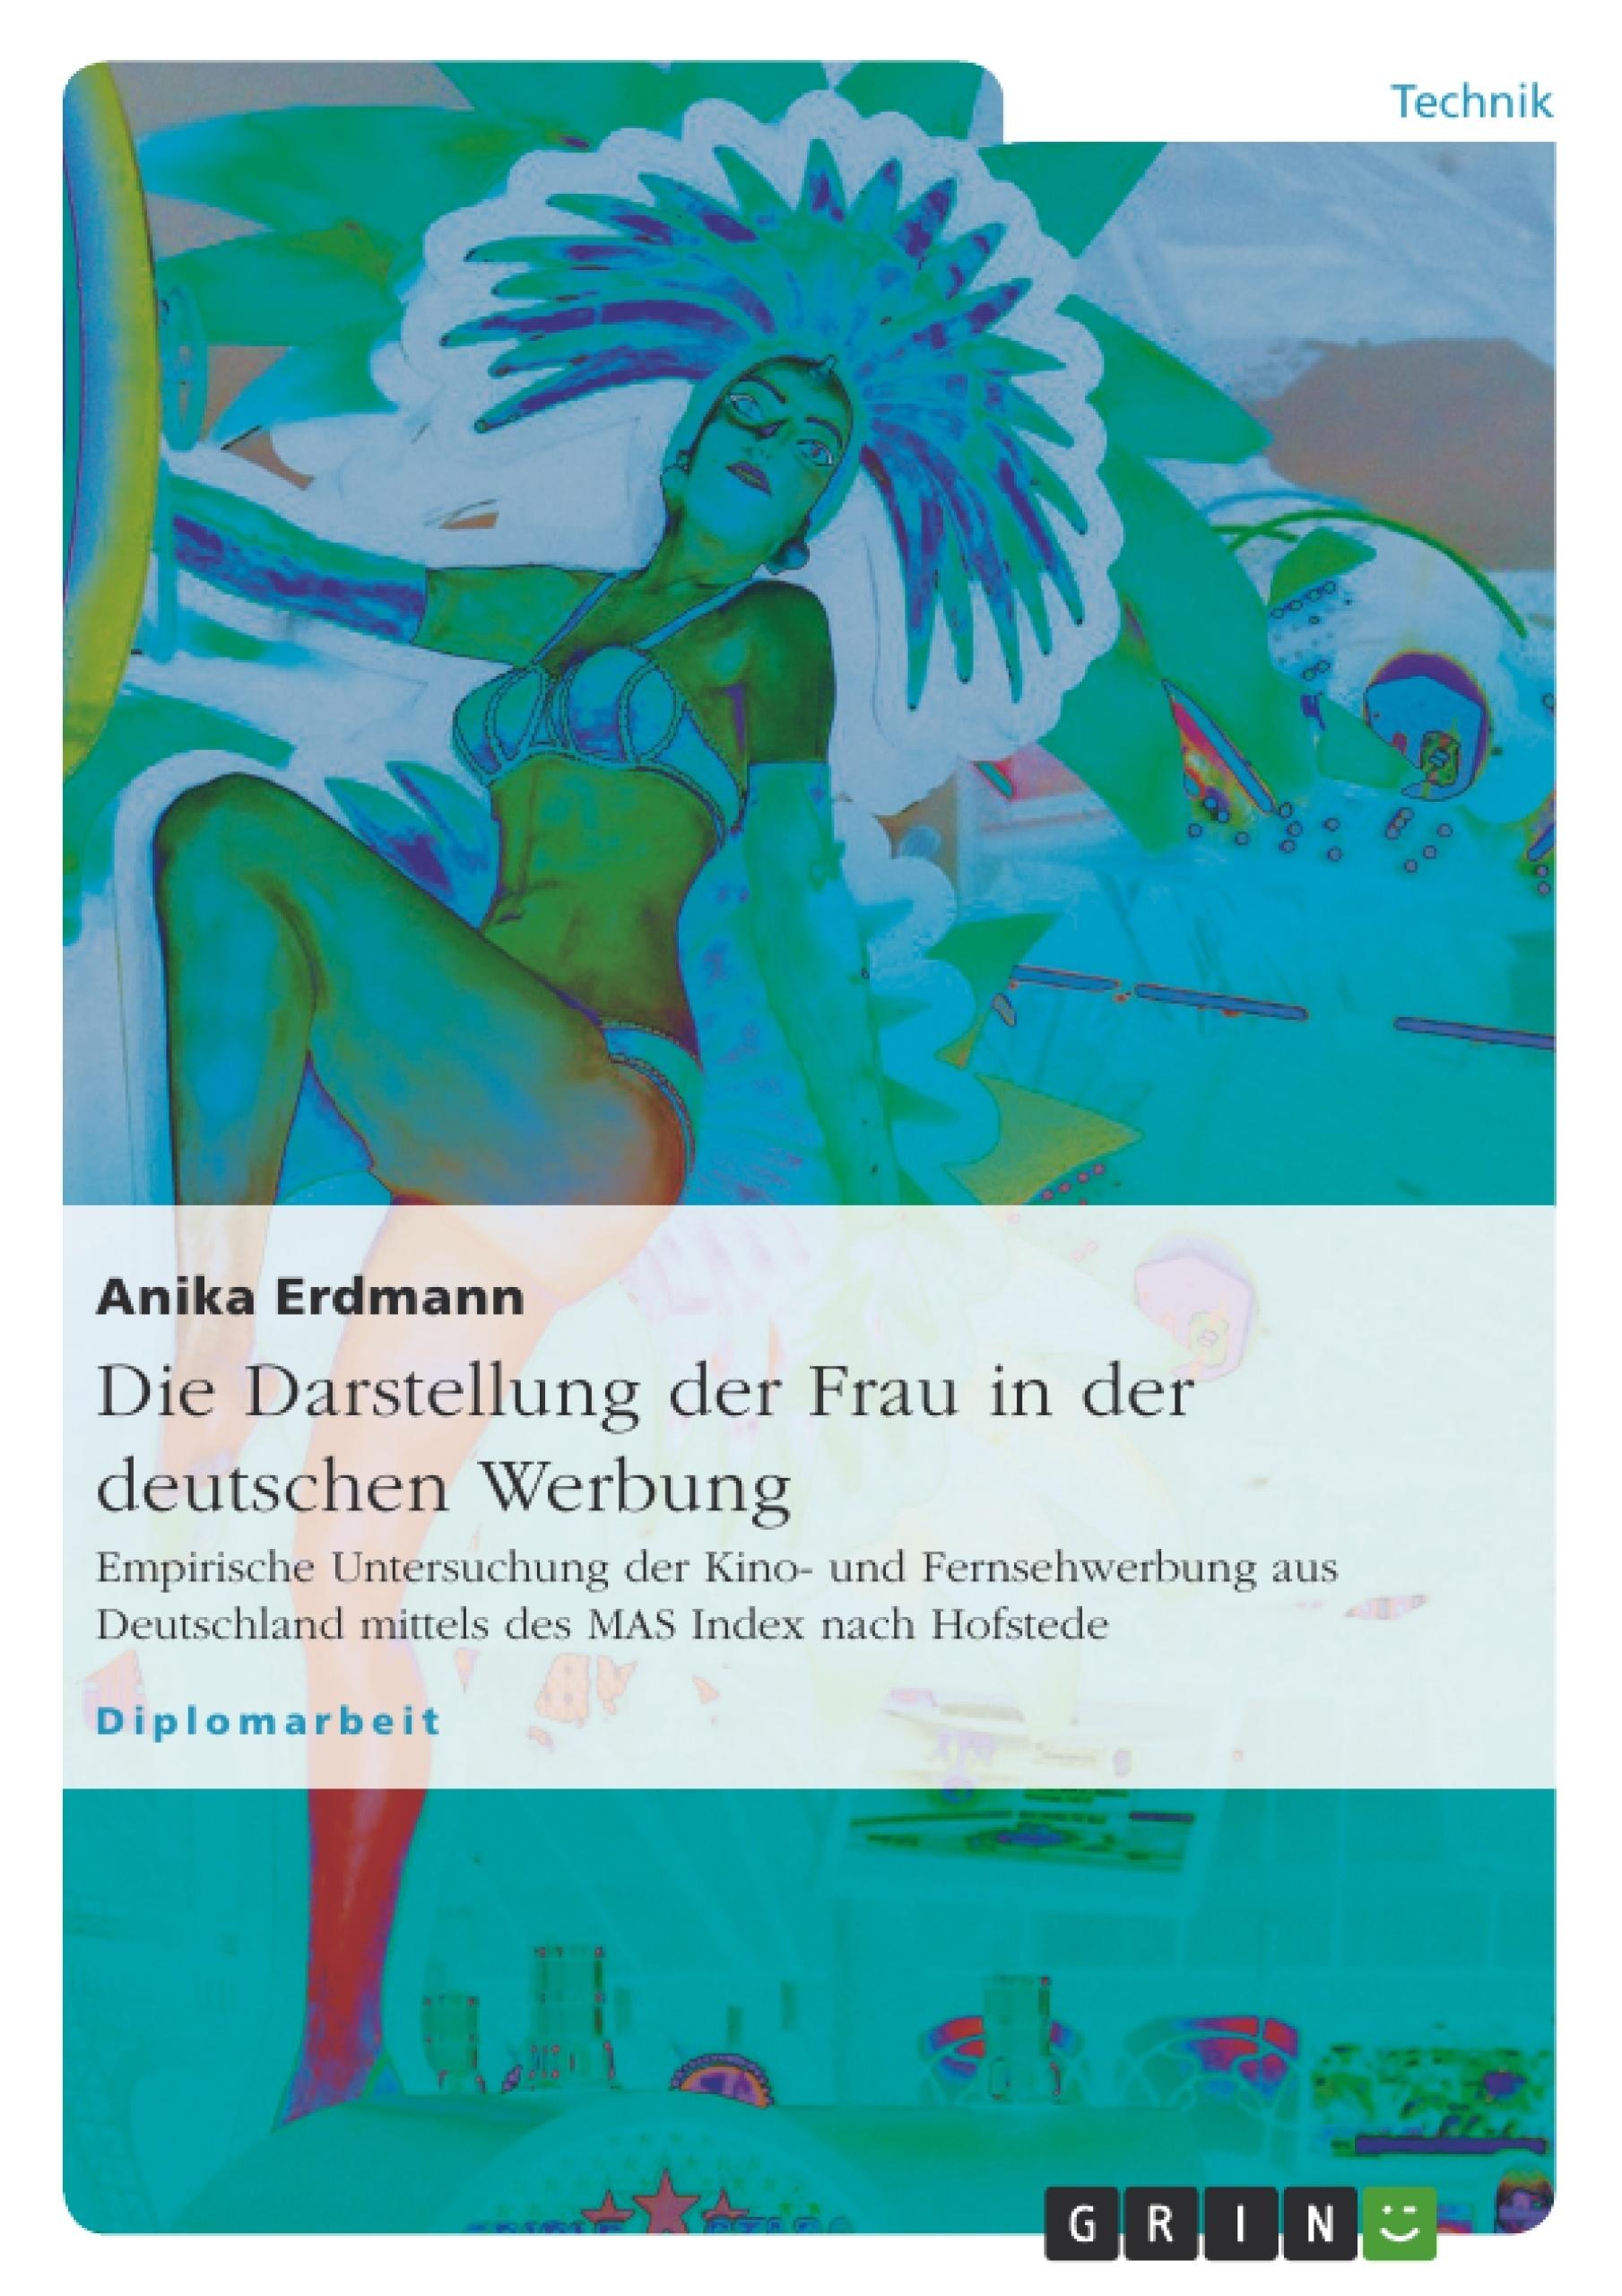 Atemberaubend Danksagung Arbeitsblatt Kindergarten Fotos - Gemischte ...